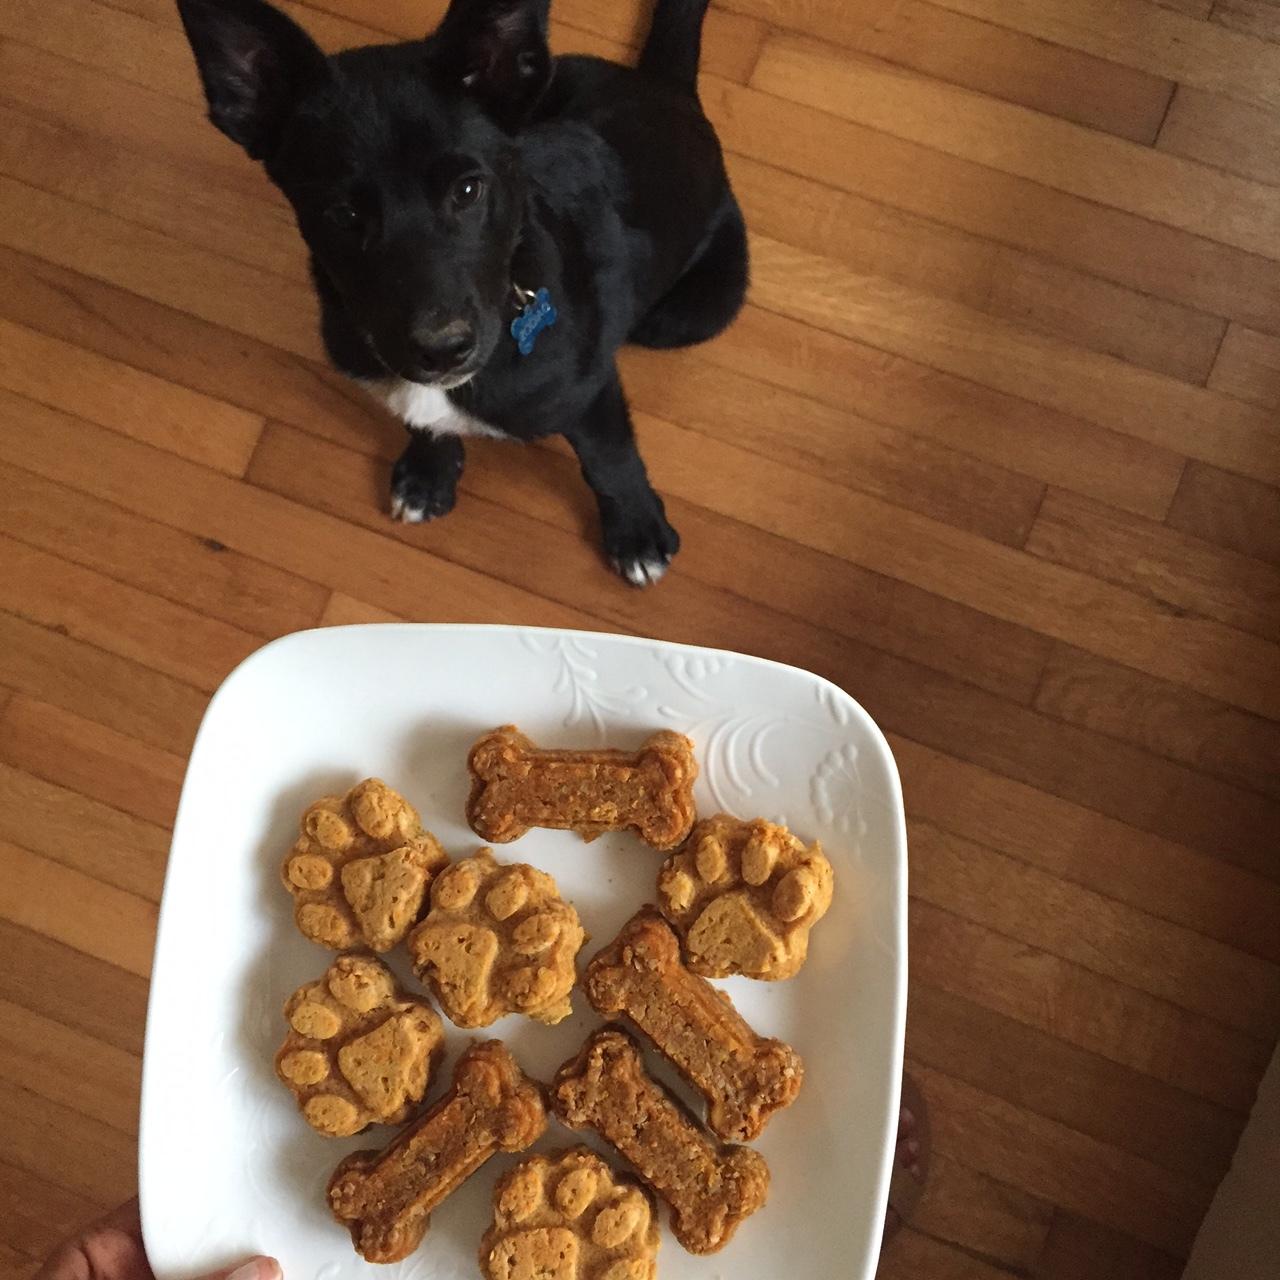 Follow my pup on Instagram: @Zodiacthemutt